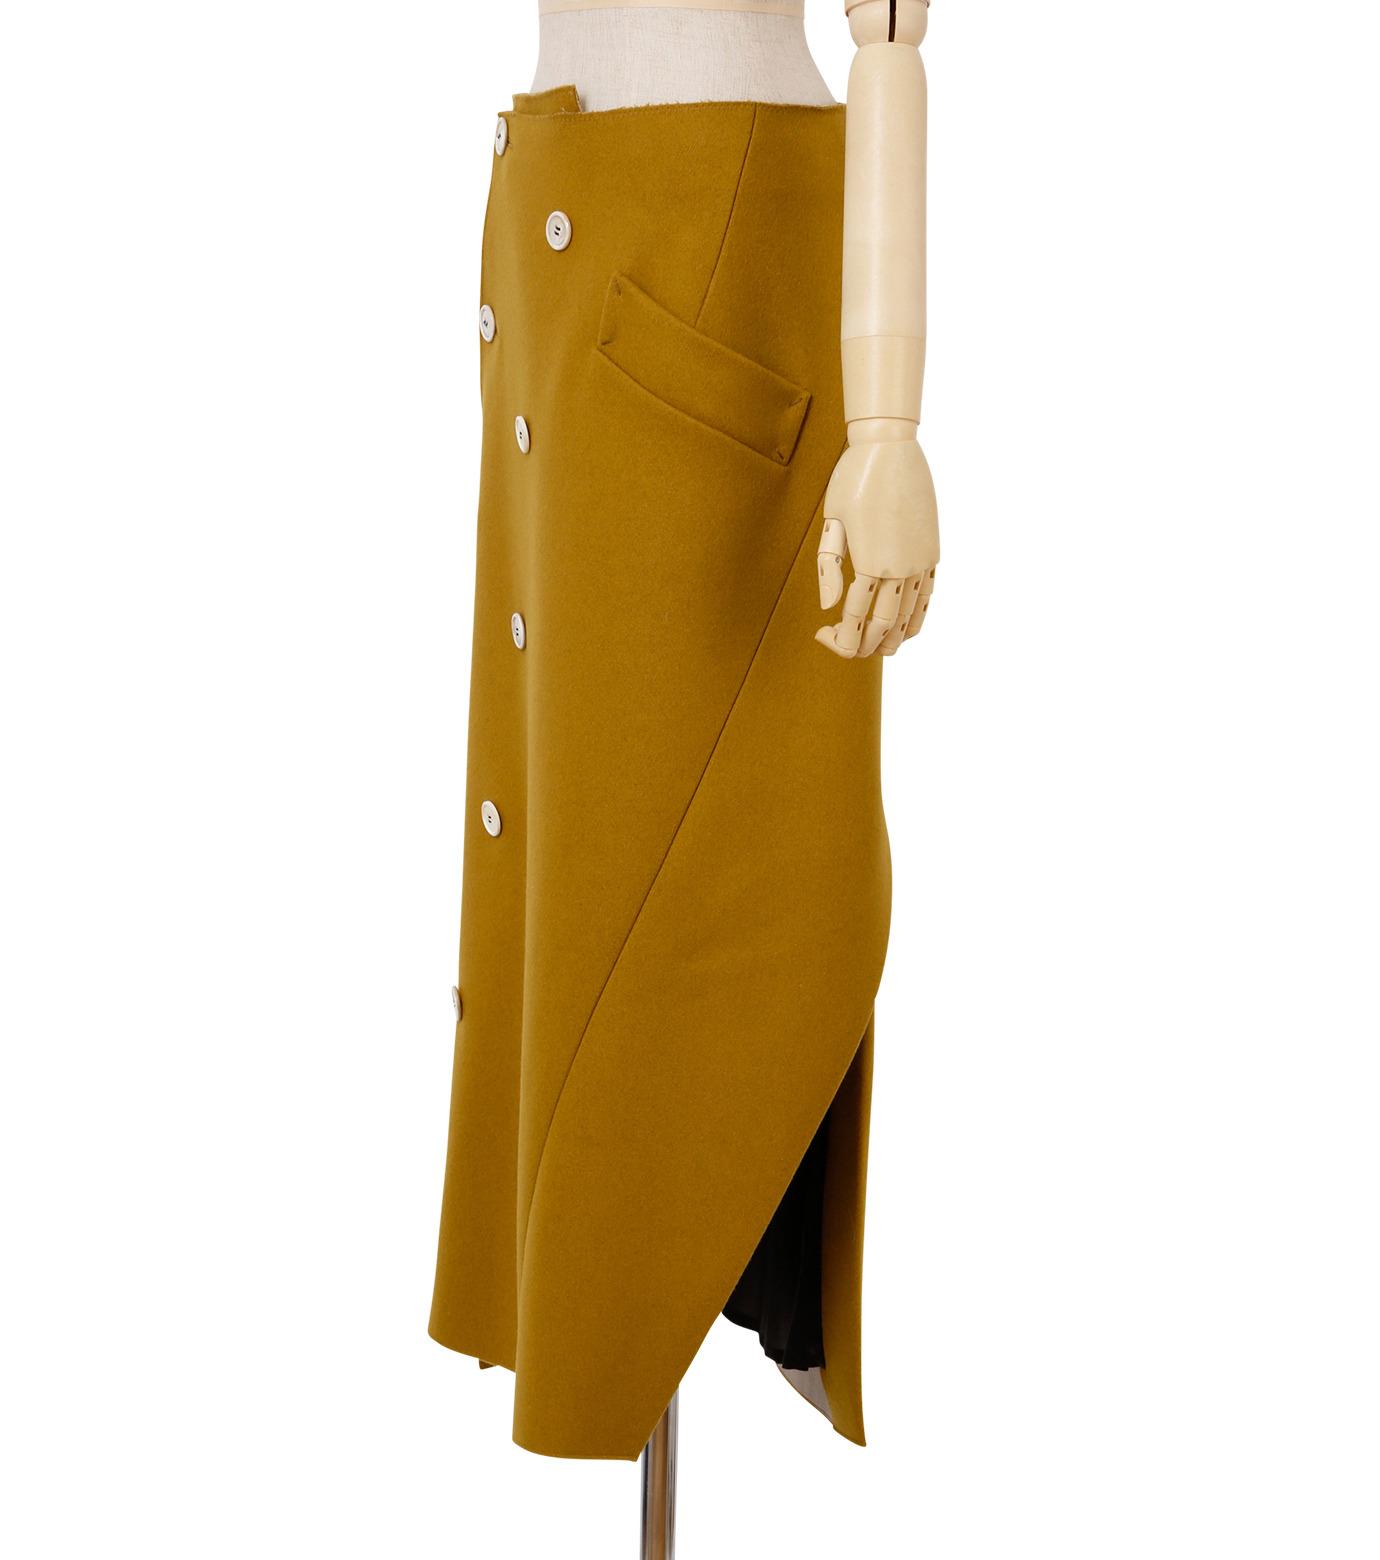 IRENE(アイレネ)のツイストボックスラップスカート-MUSTARD(スカート/skirt)-18A87002 拡大詳細画像2